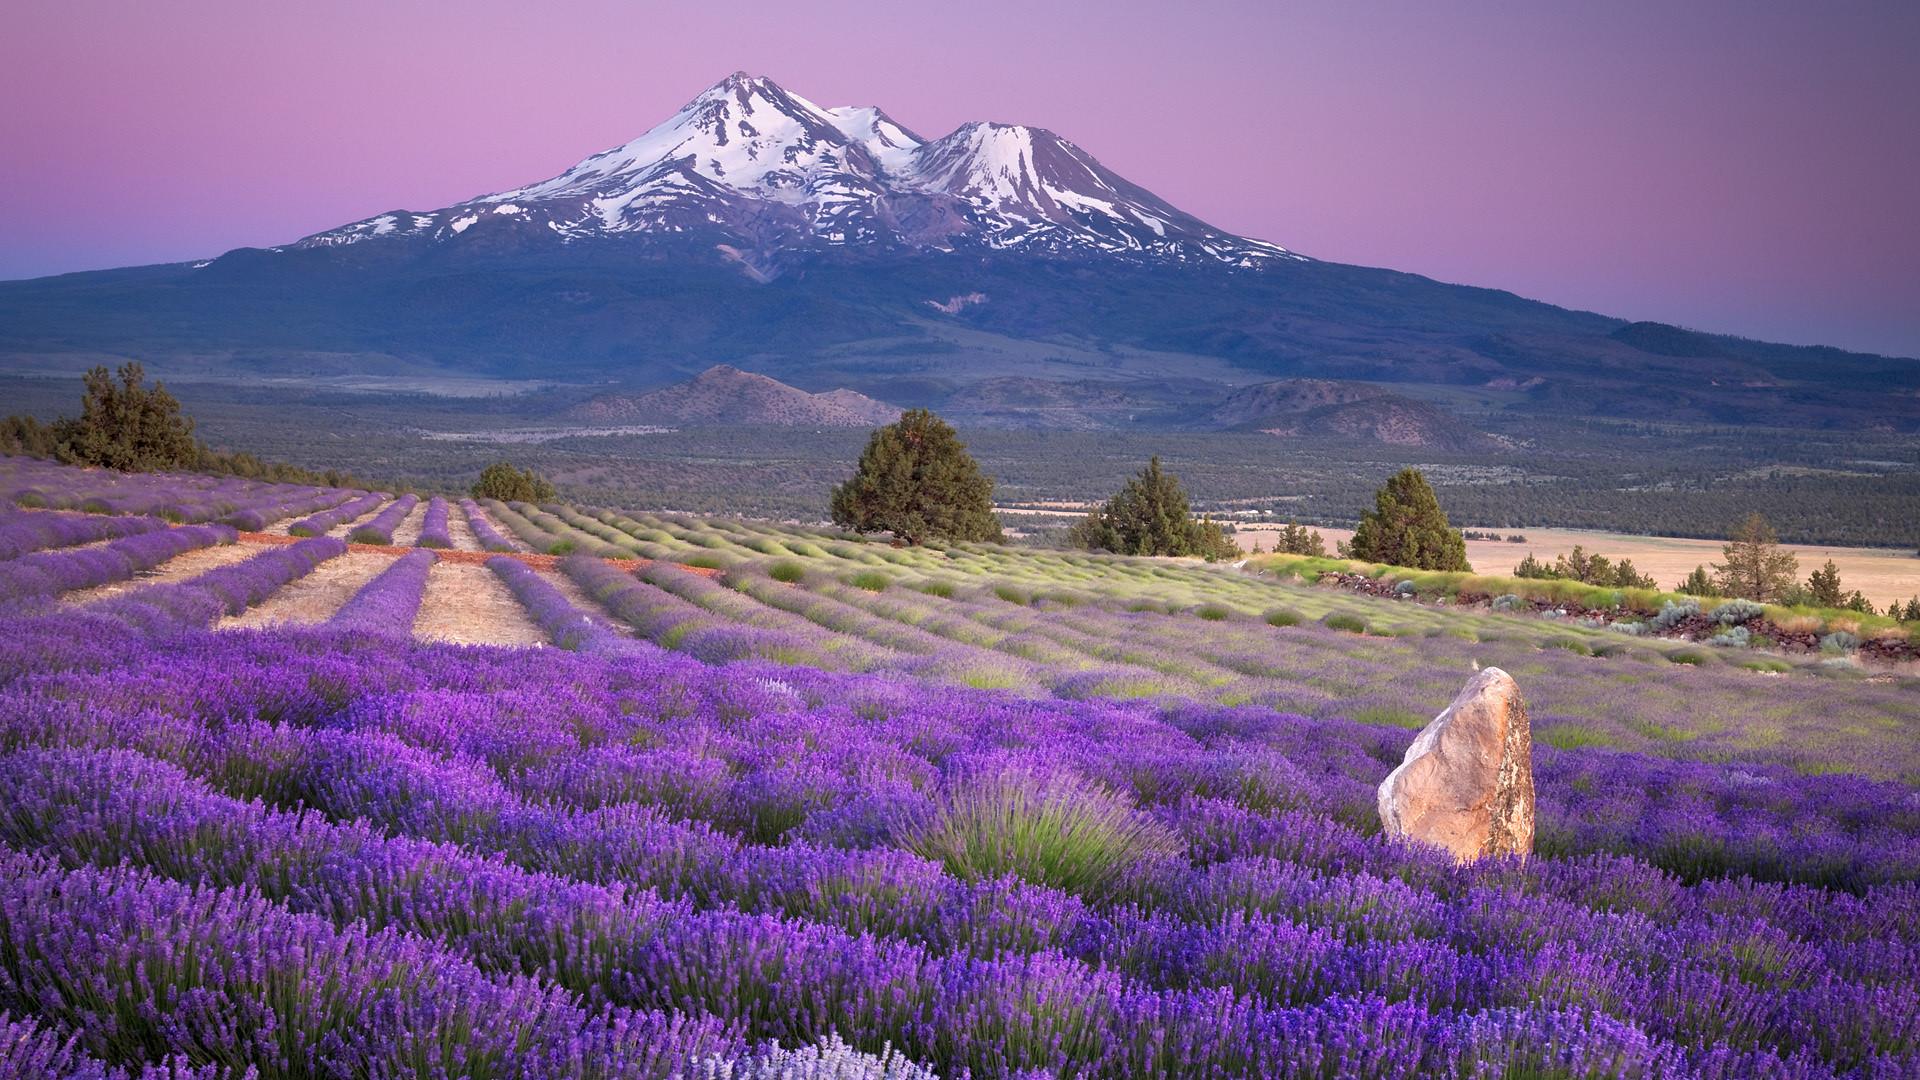 1920x1080 Mt Fuji Wallpaper 34456